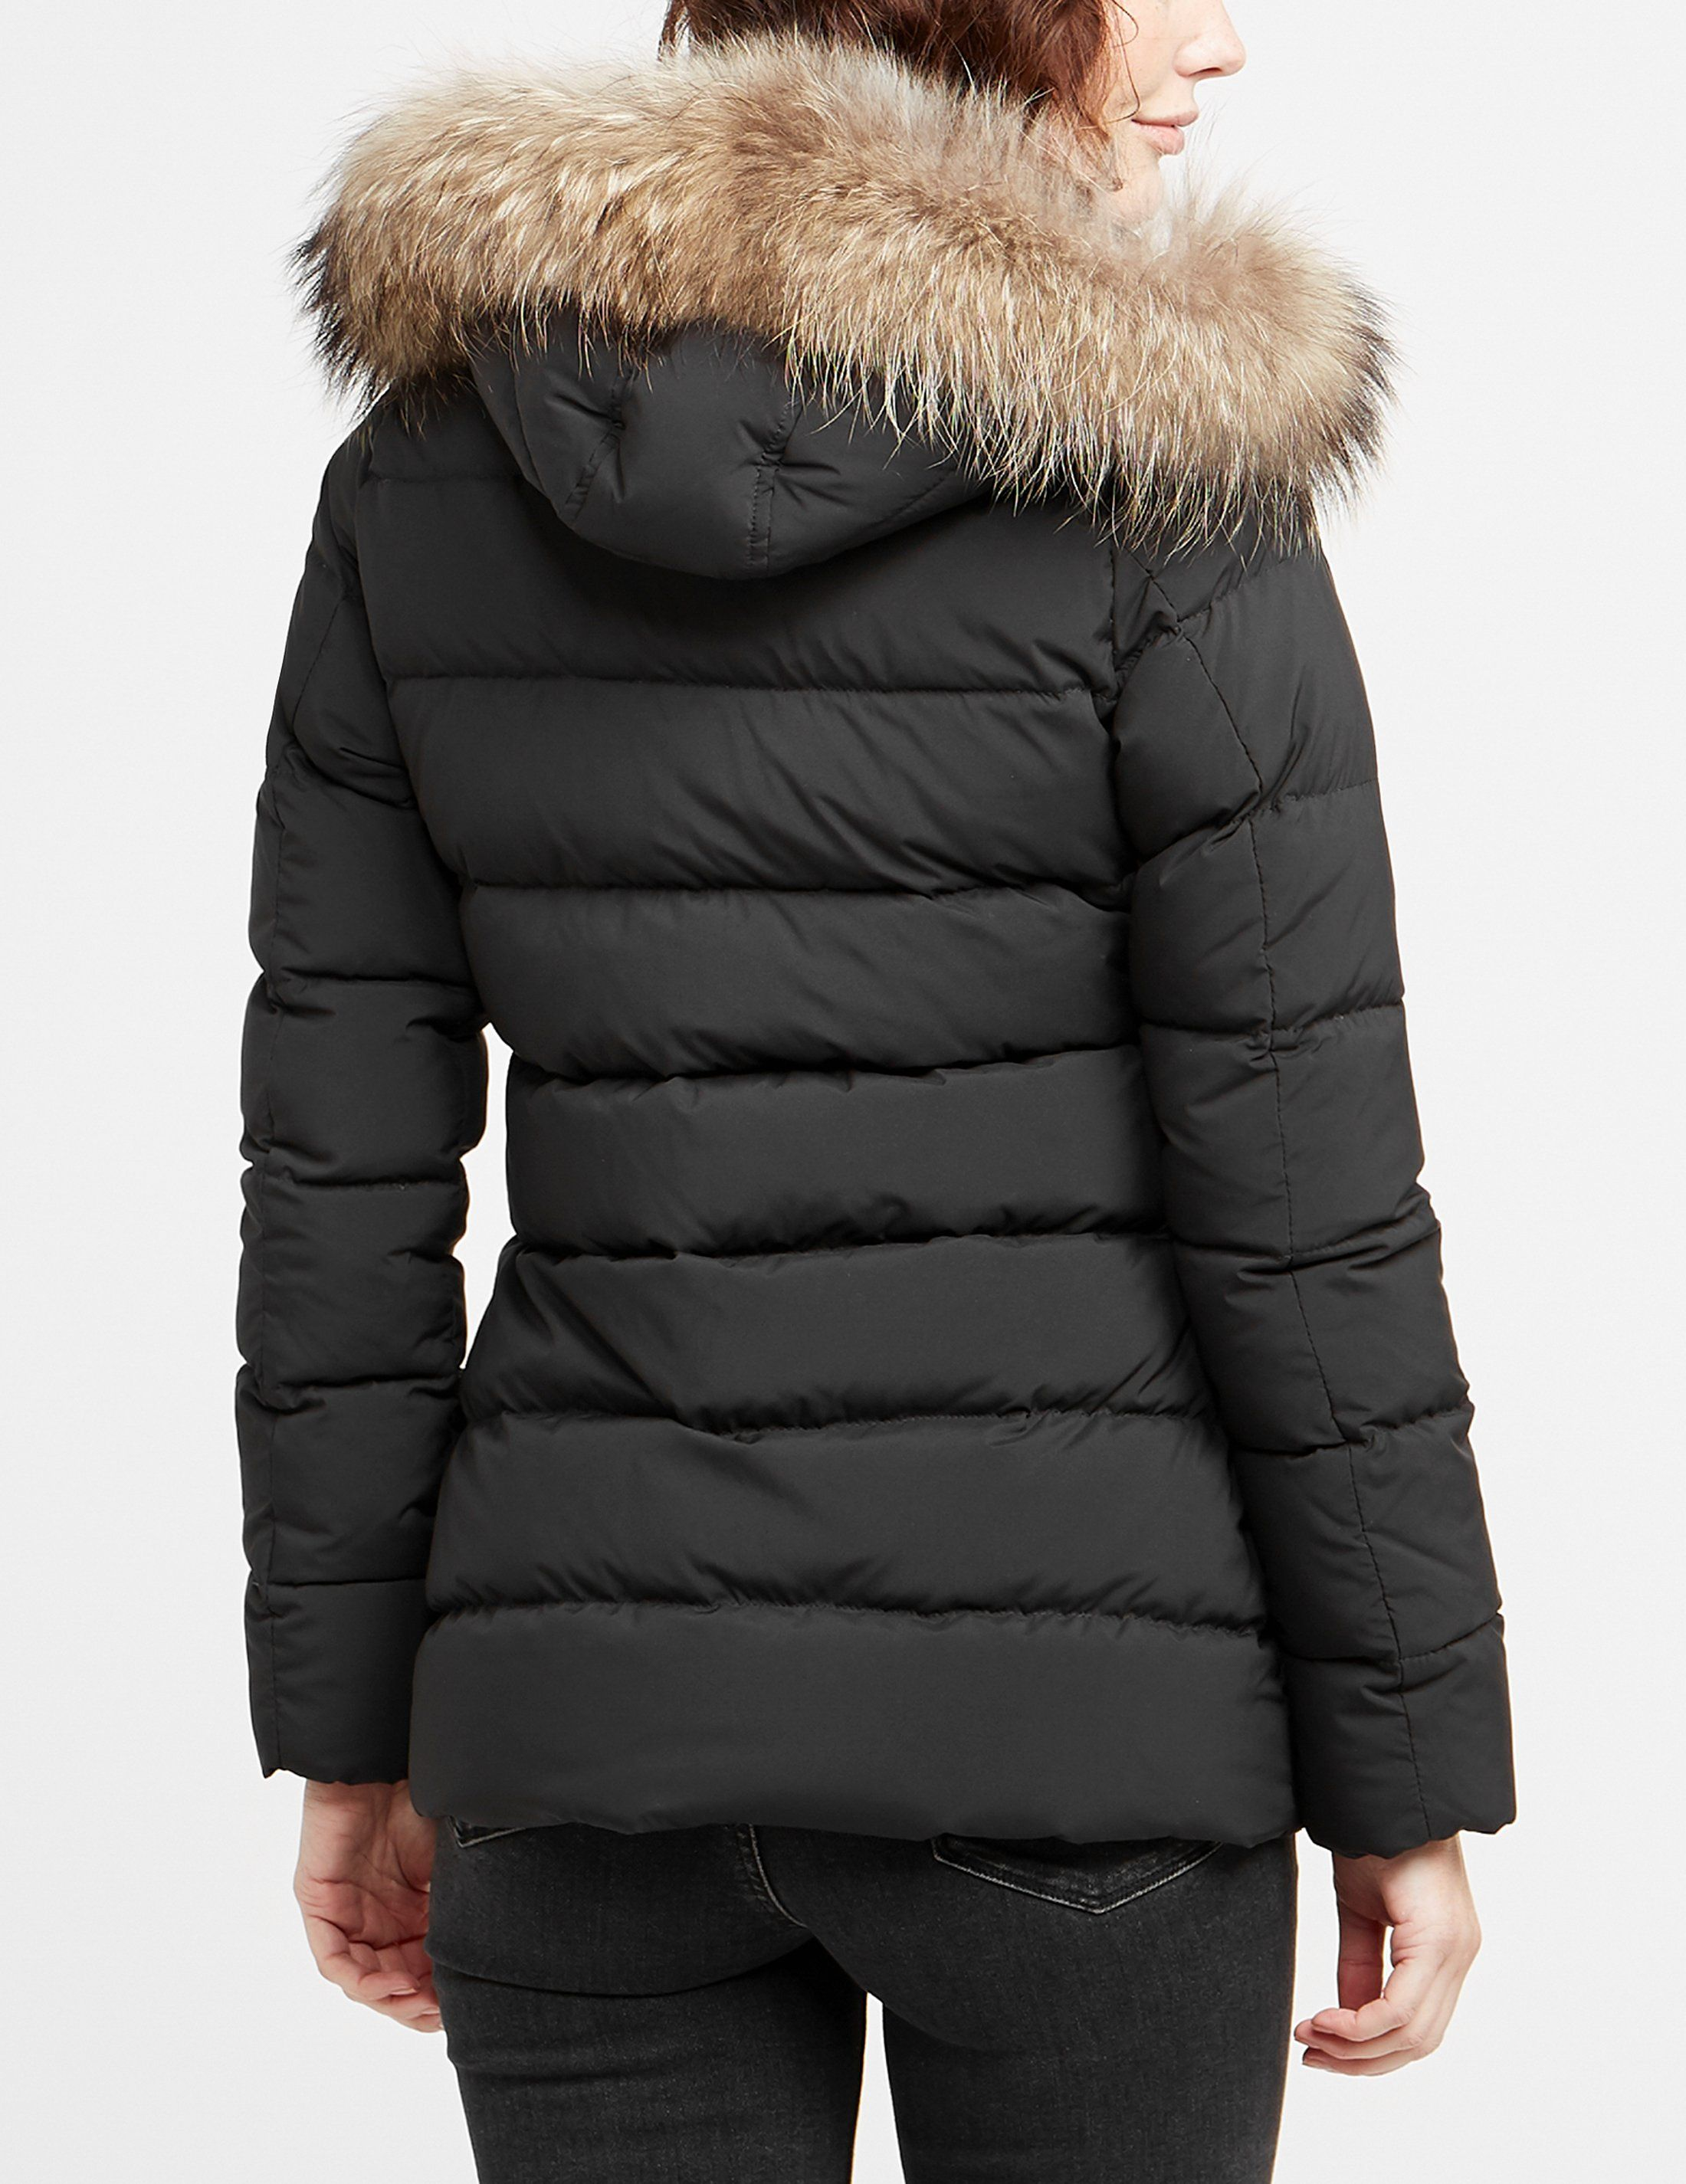 Pyrenex Authentic Soft Padded Jacket